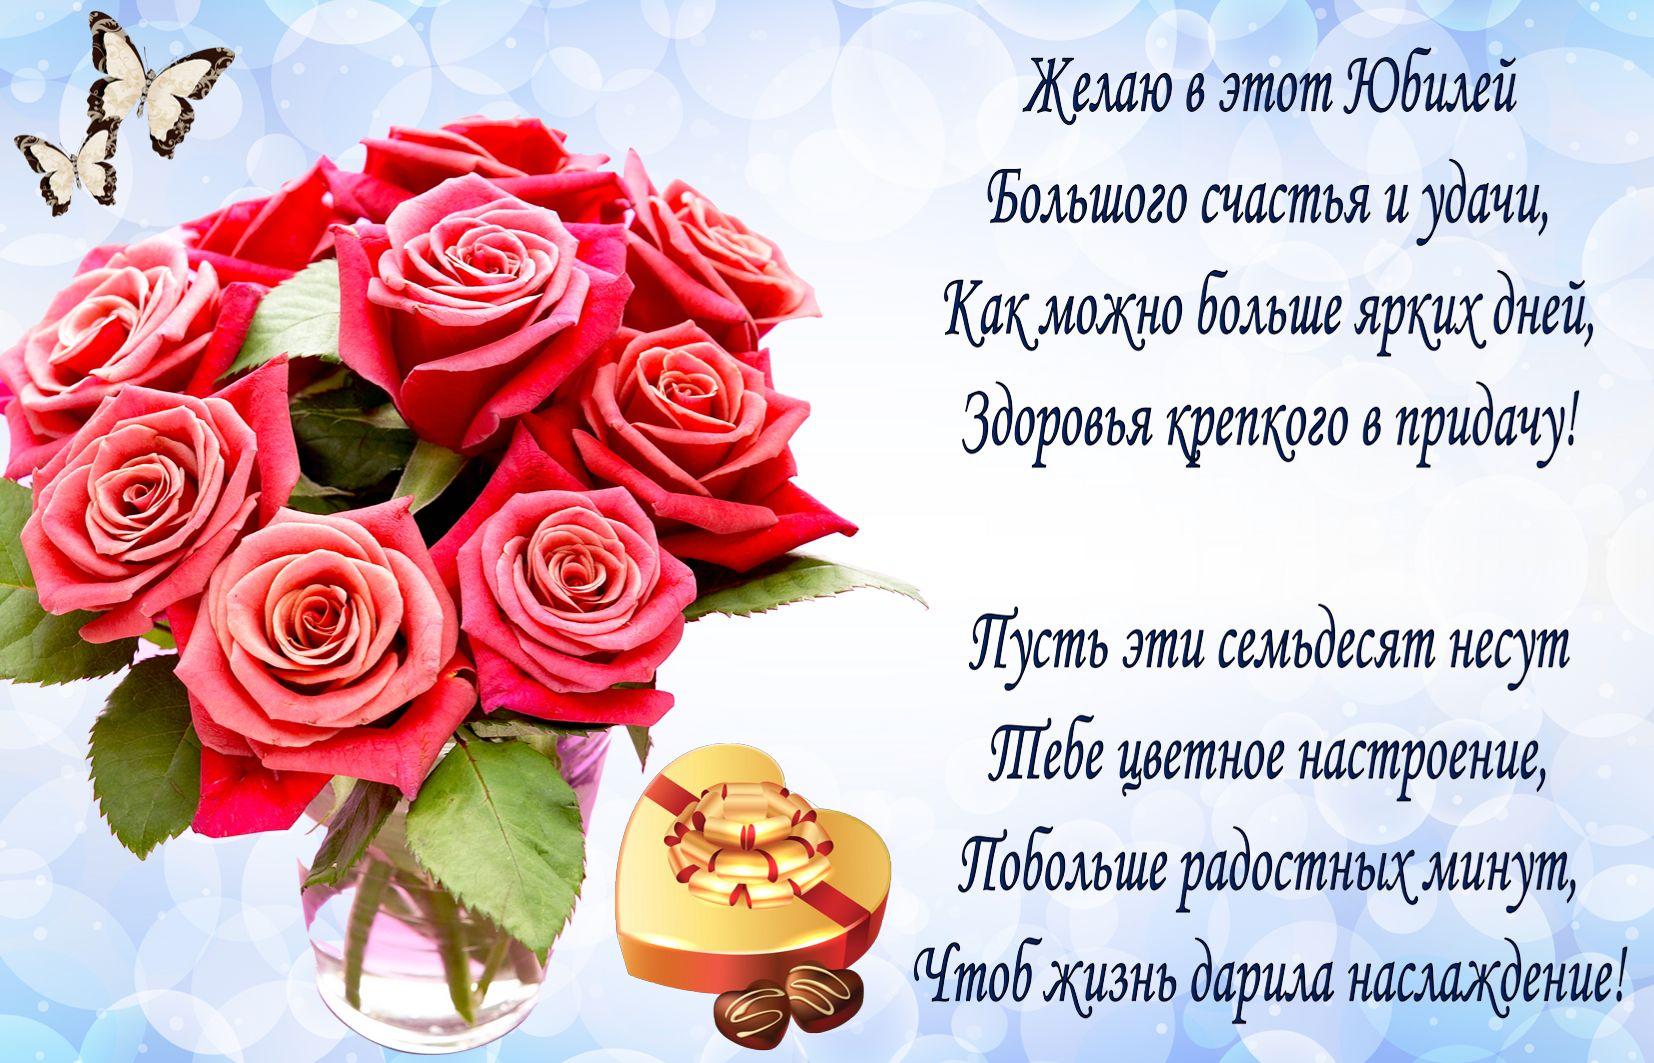 Открытка на юбилей 70 лет - красивое пожелание и букет роз